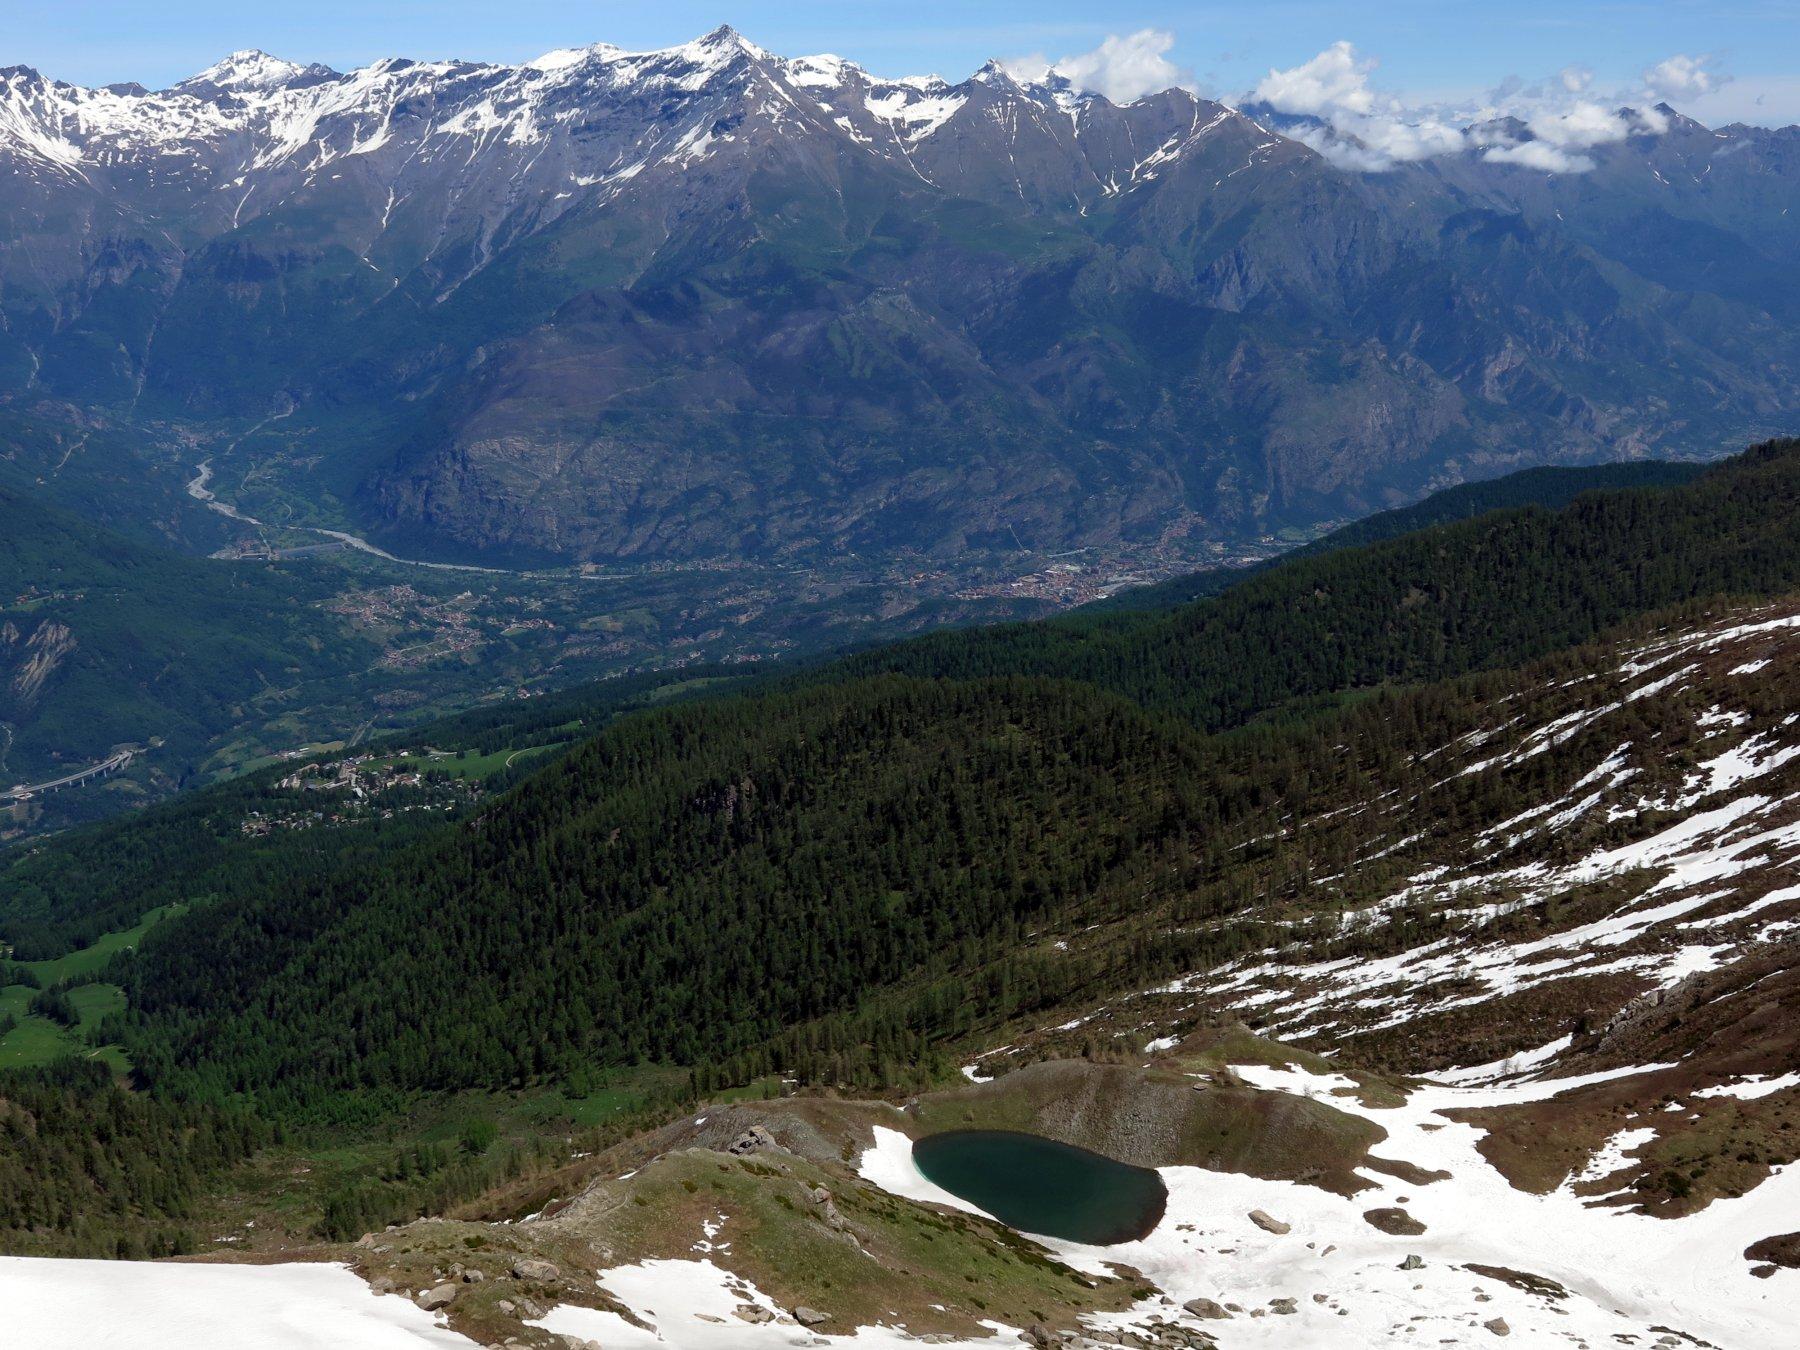 Verso valle, il Lago Piccolo